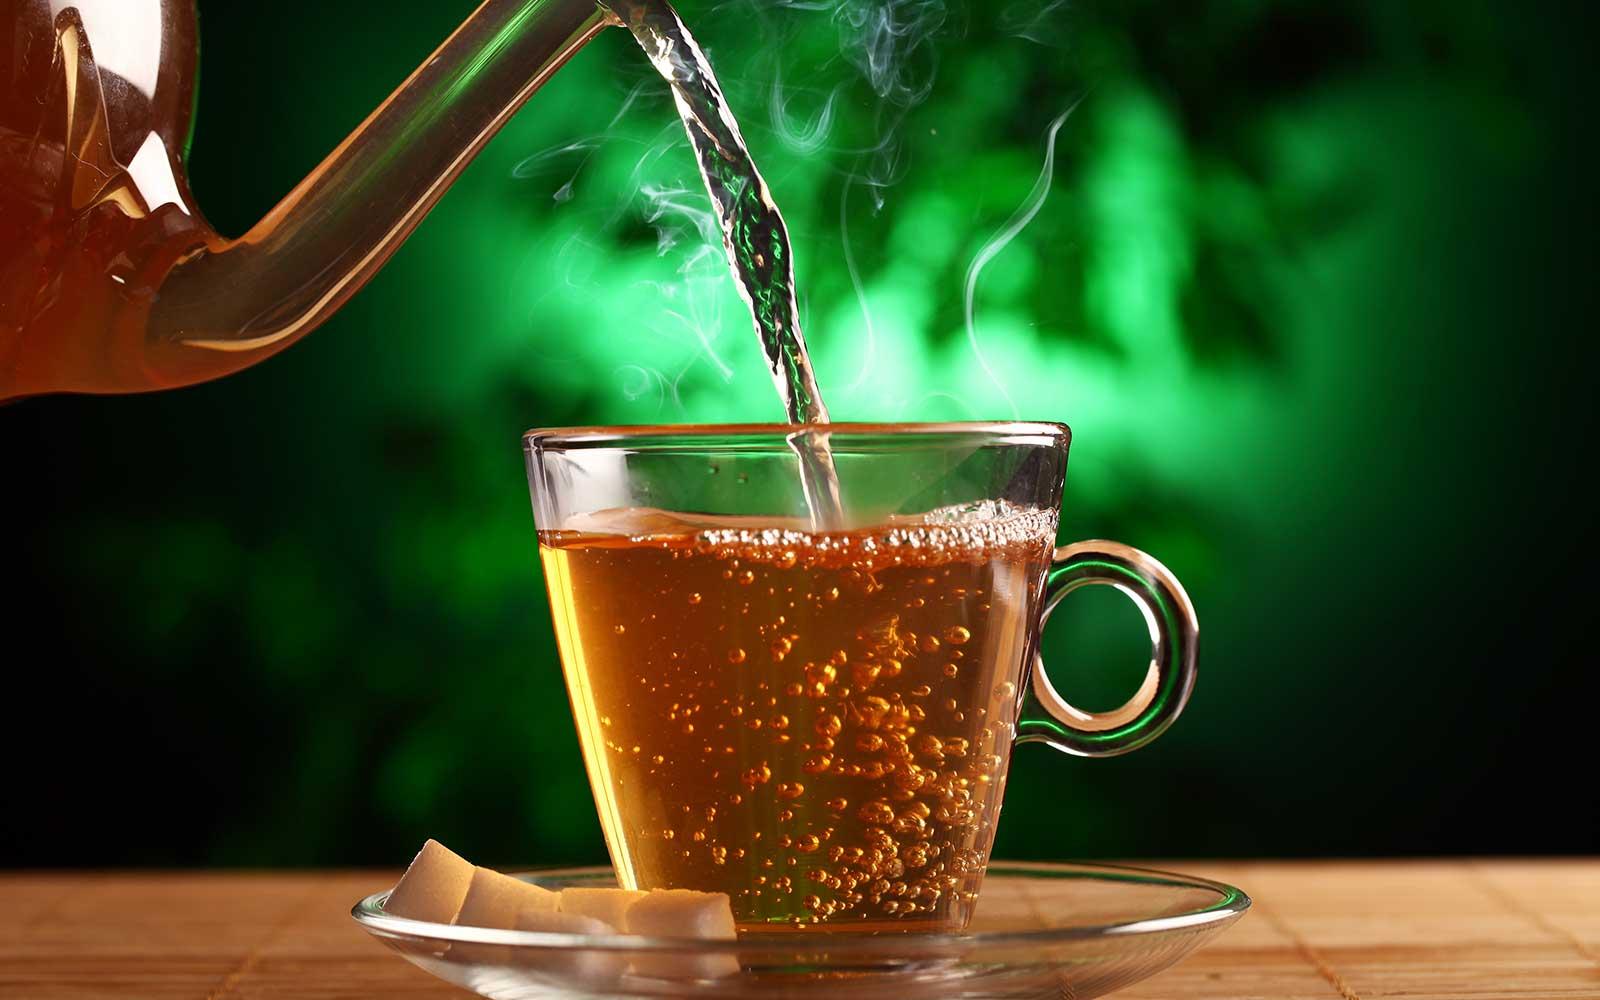 Thé chaud versé dans une tasse pour une boisson offerte à l'institut. Institut de beauté Emeline Esthétique La Verrie 85